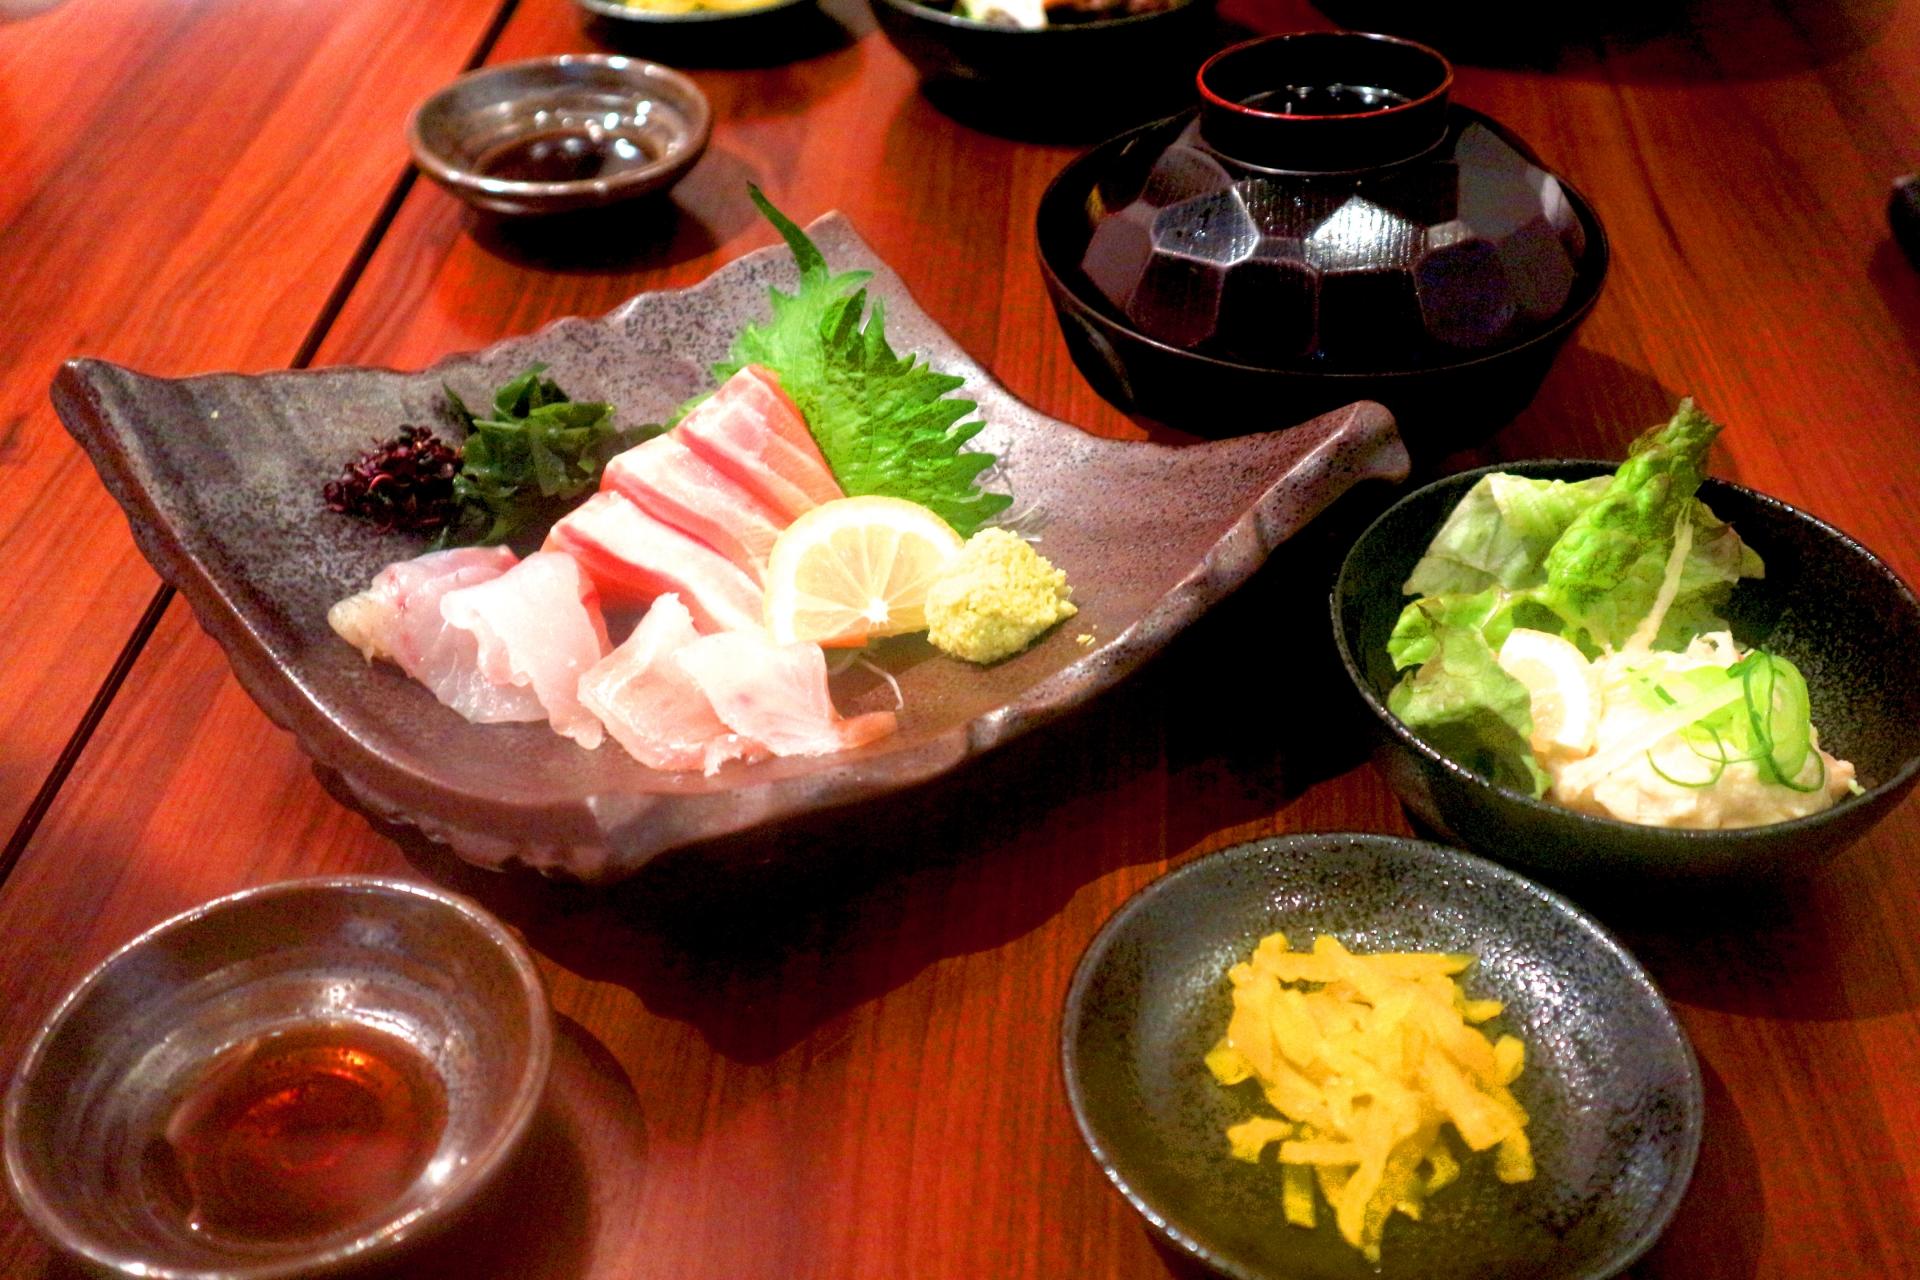 恵那のおすすめランチ特集!人気の和食やおしゃれなカフェなど!